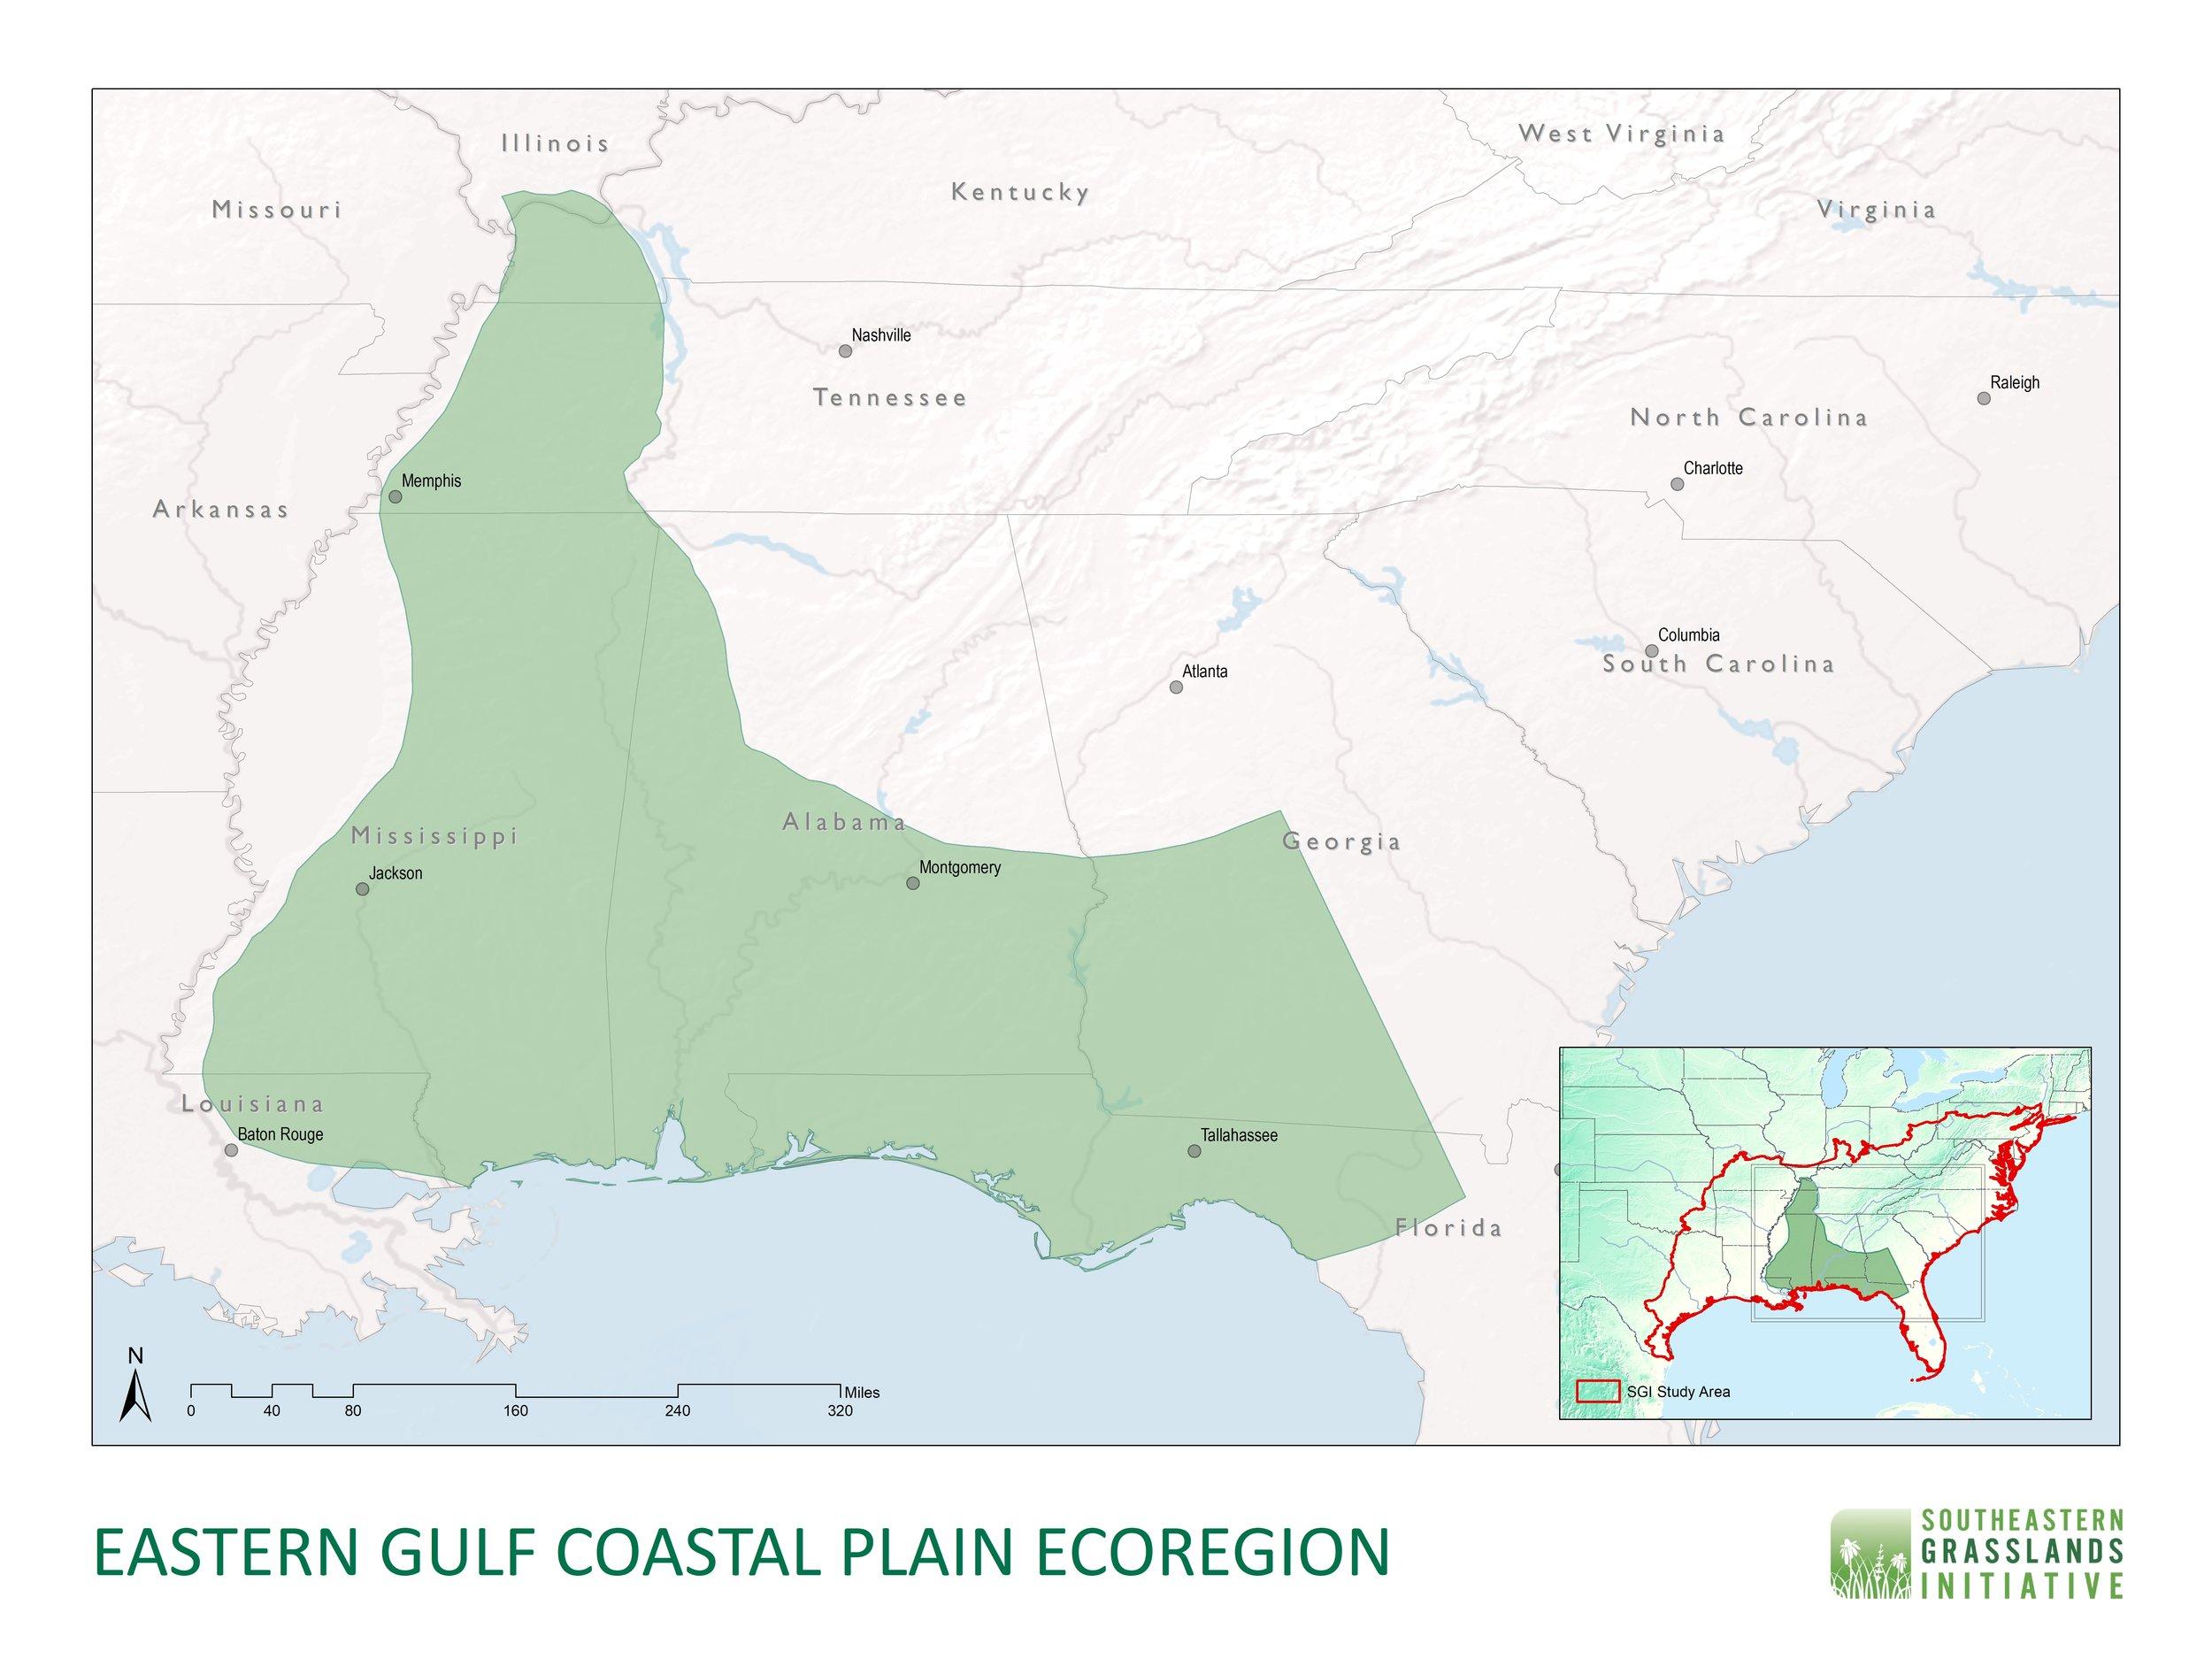 East Gulf Coastal Plain